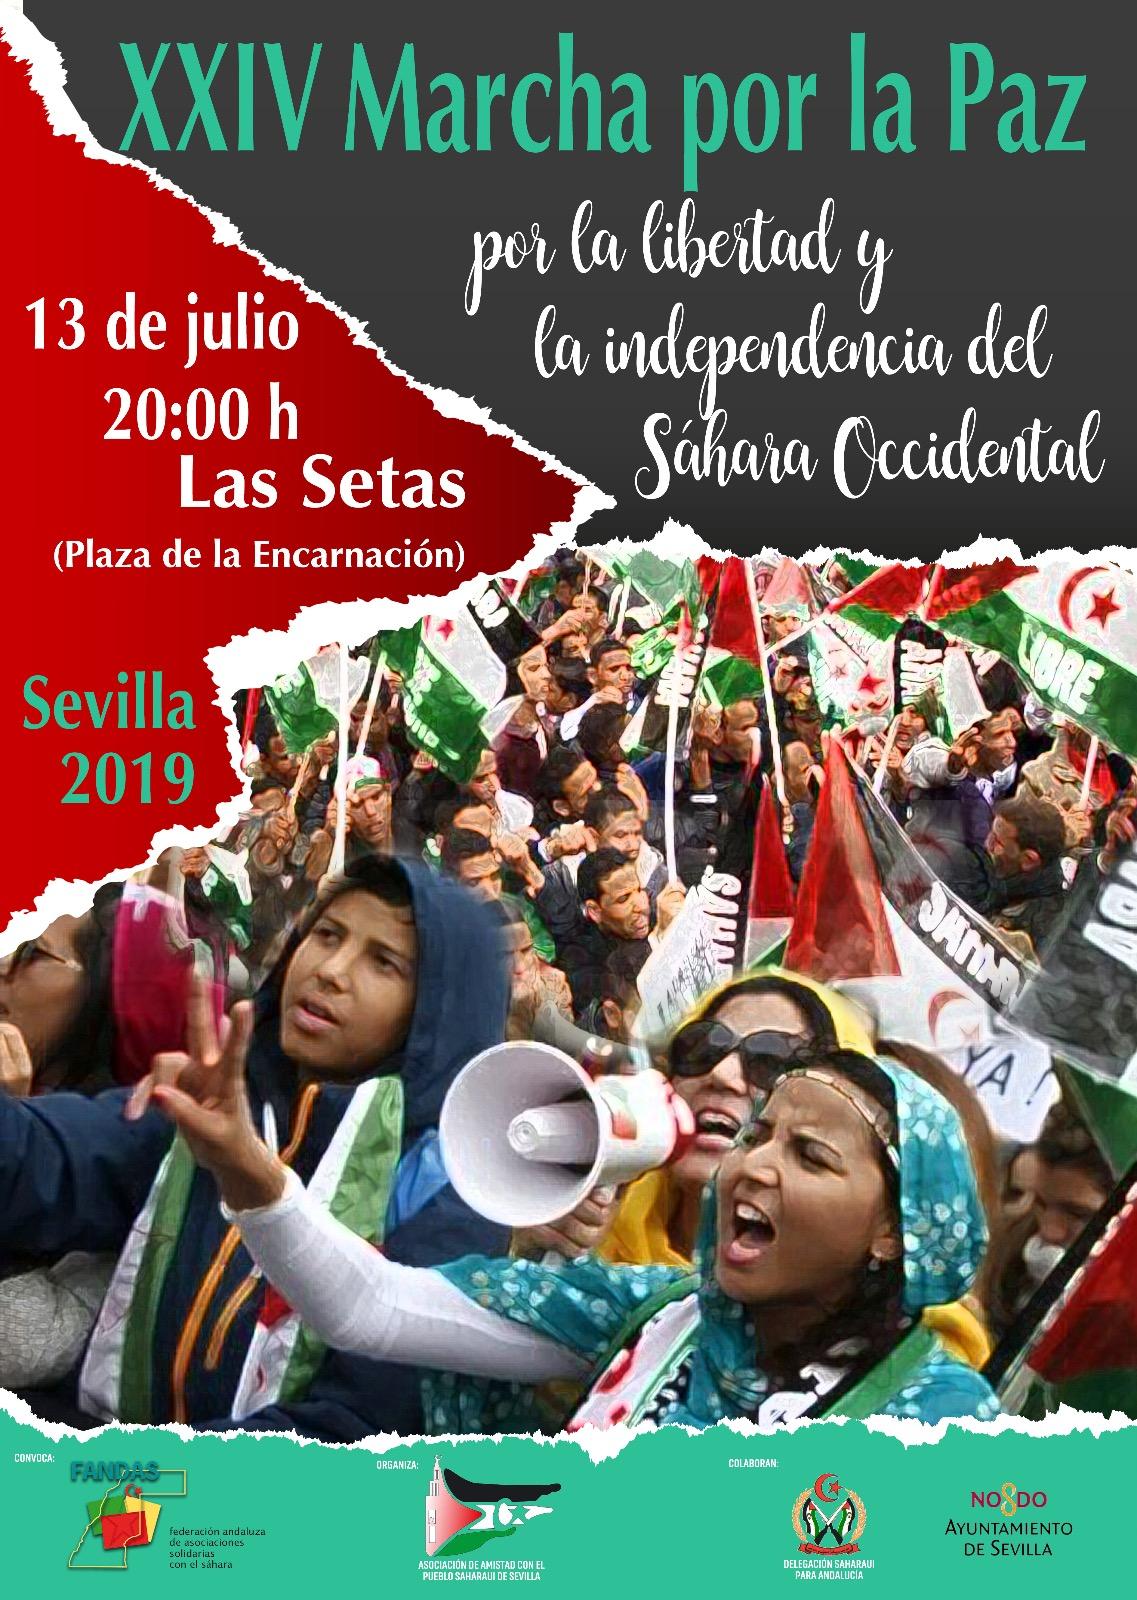 XXIV Marcha por la Paz, por la libertad e independencia del Sahara Occidental. Sevilla.